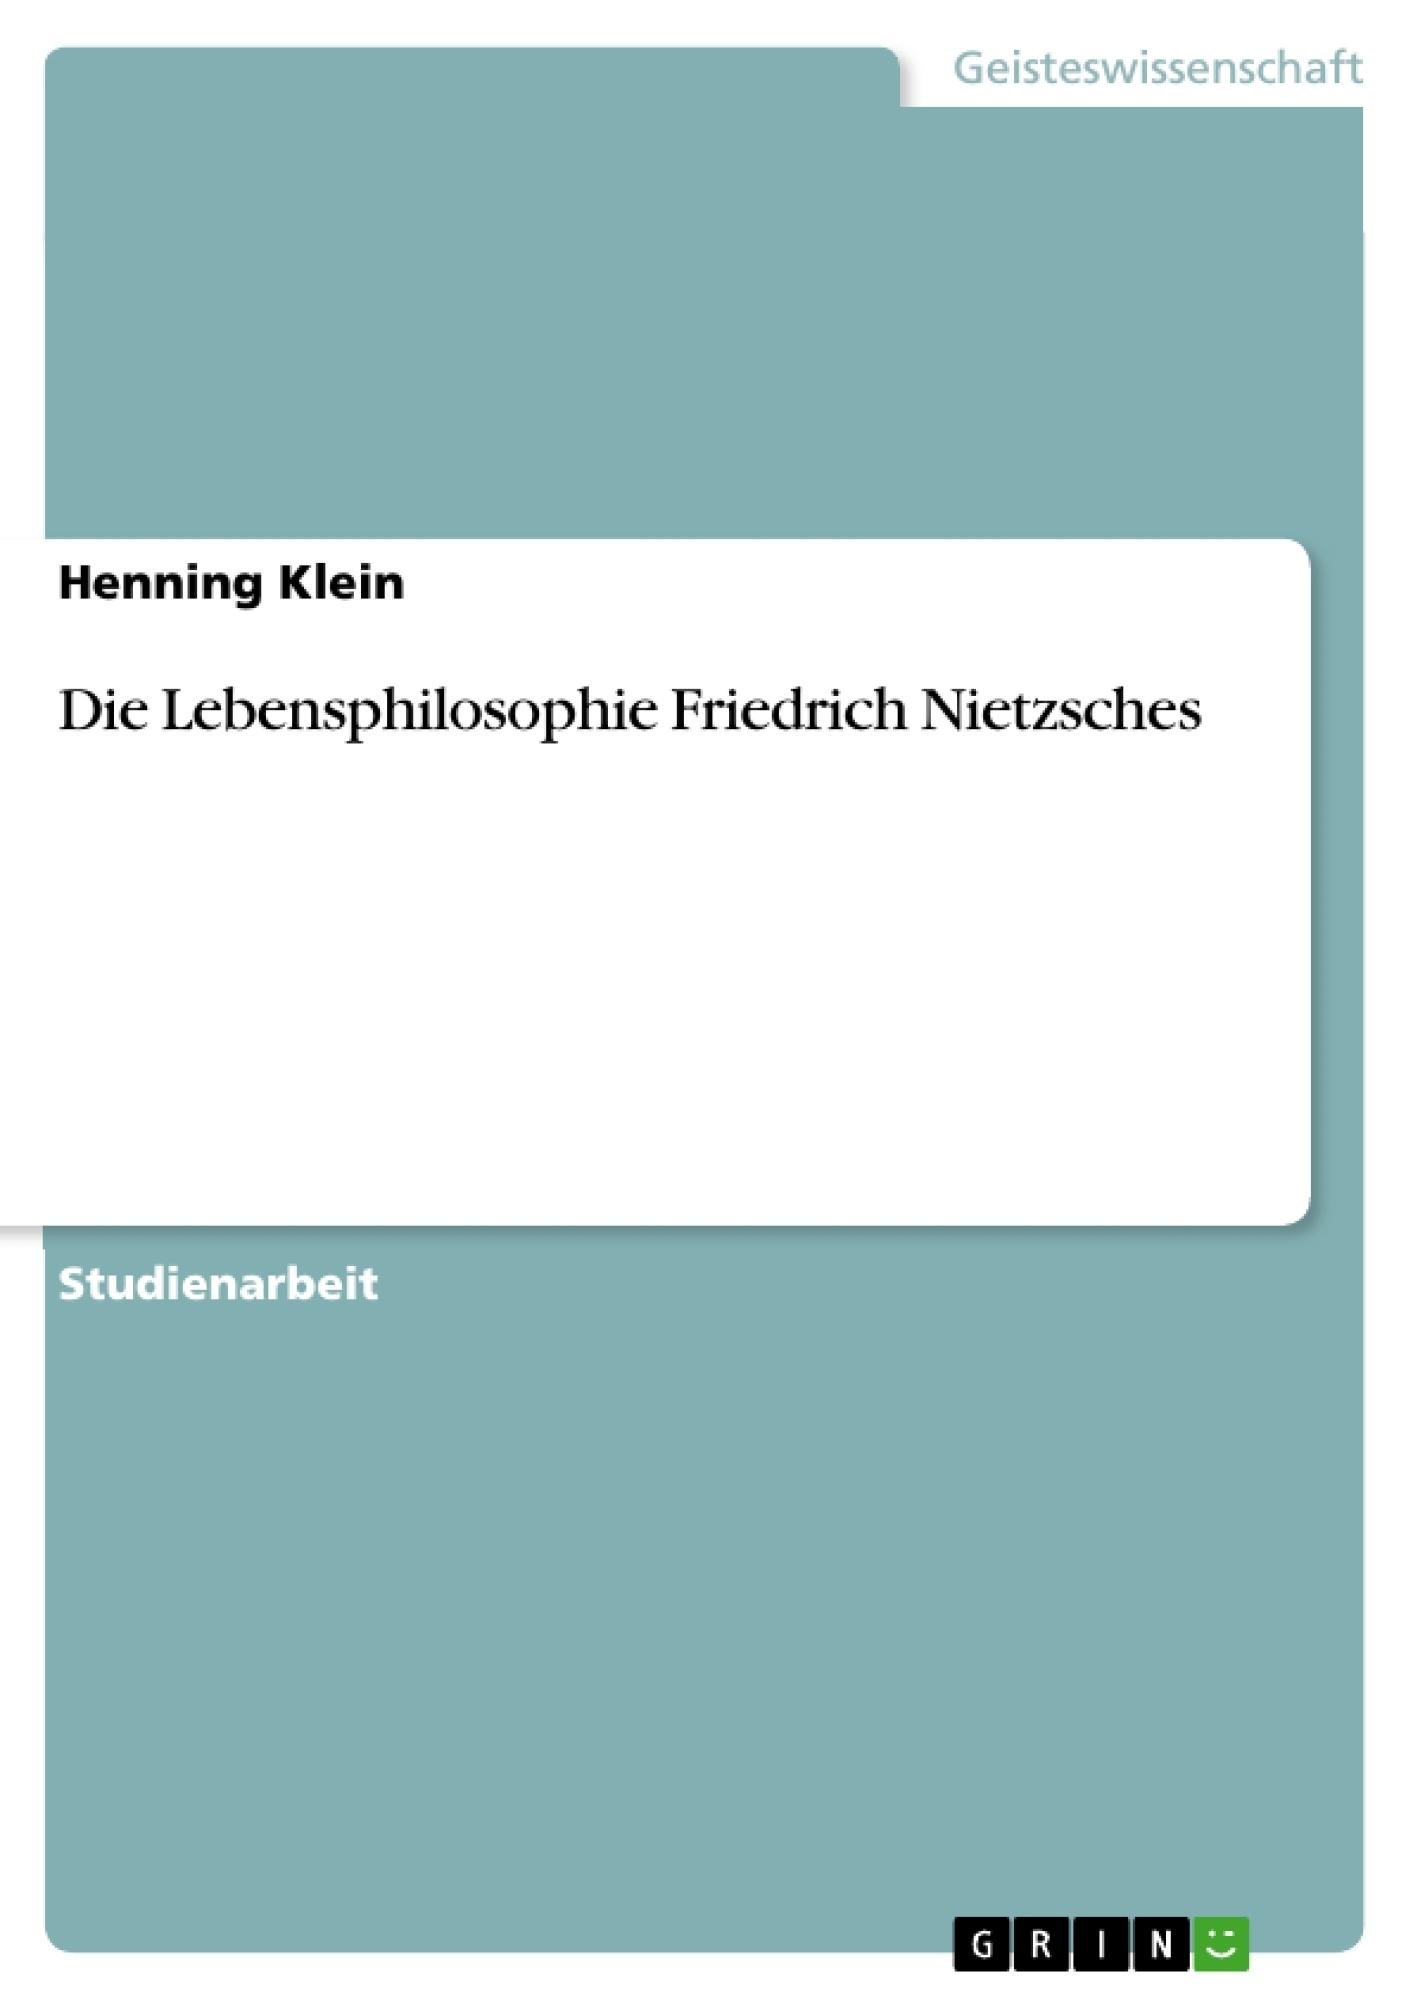 Titel: Die Lebensphilosophie Friedrich Nietzsches